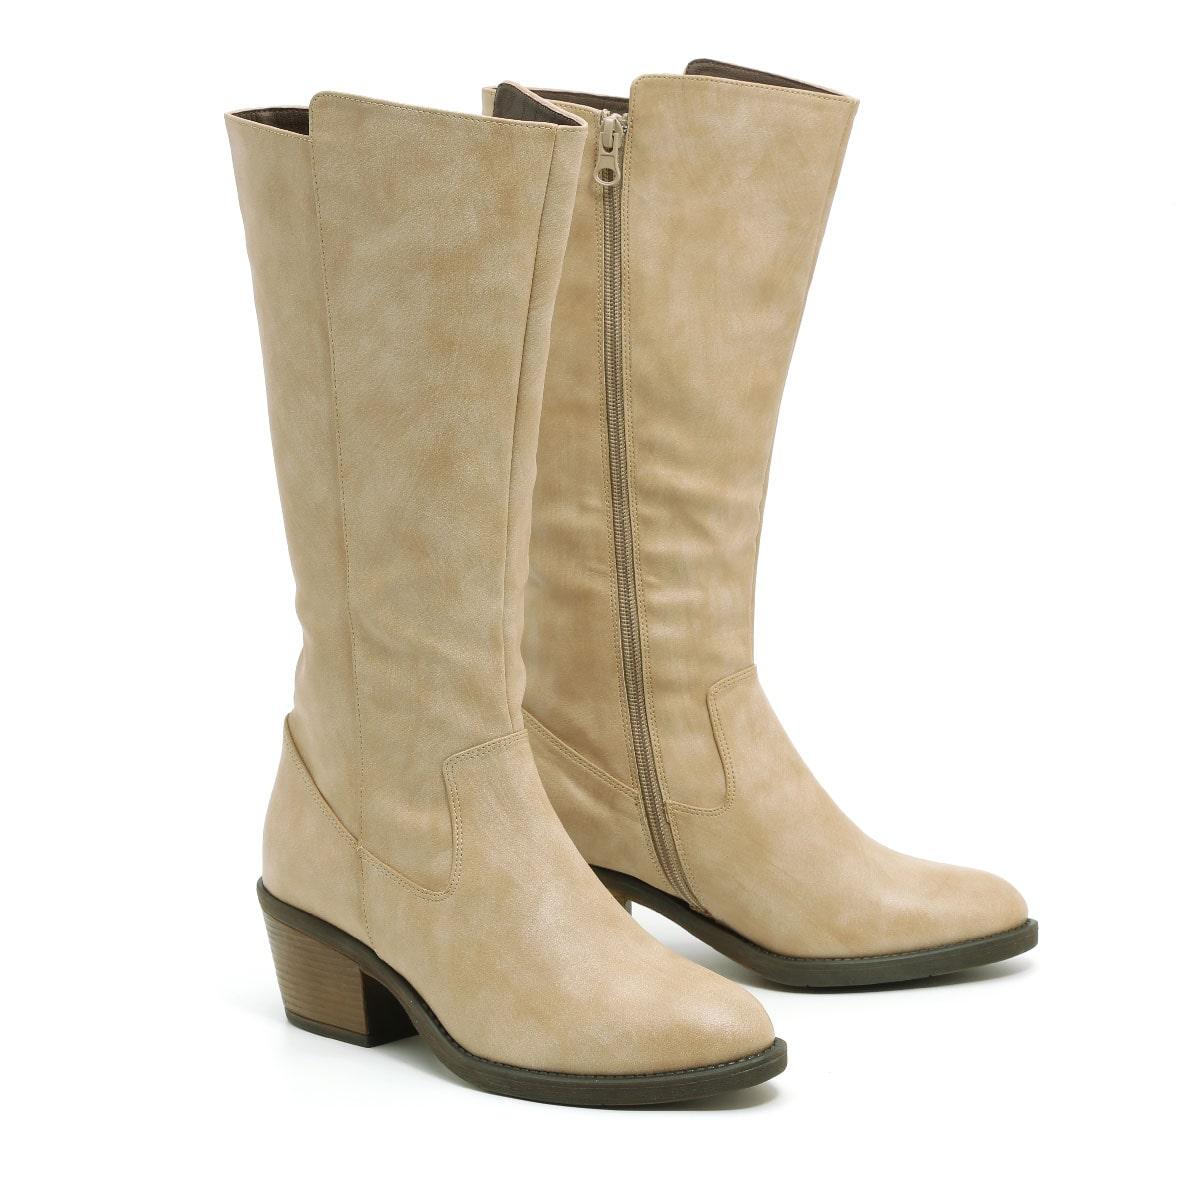 דגם ברוק: מגפיים טבעוניים לנשים